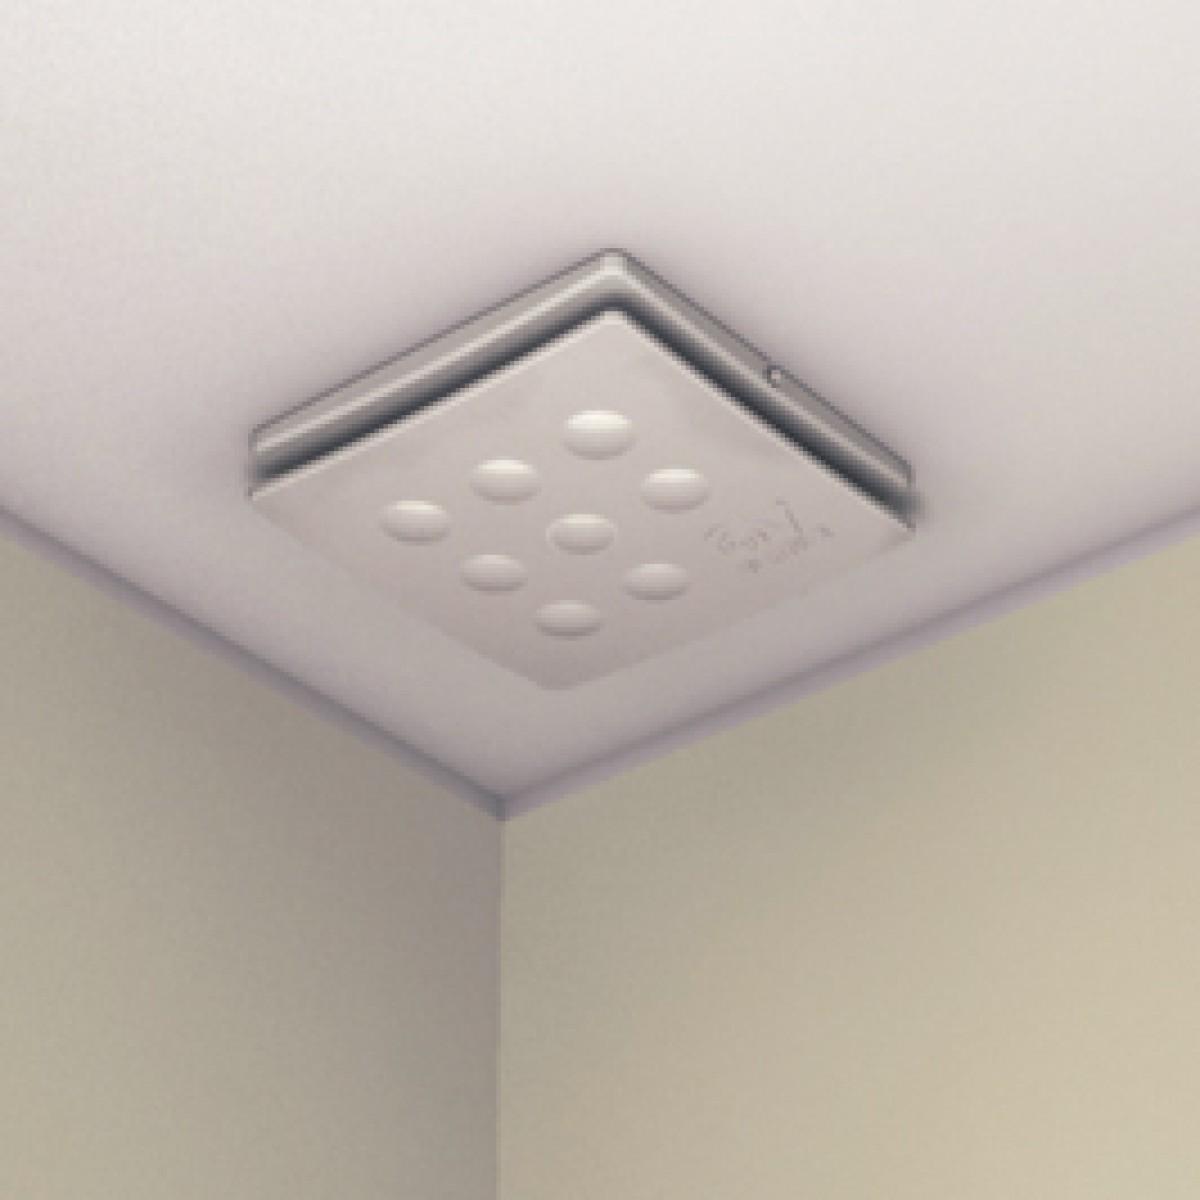 Acs shop service vortice punto four 120 5 klima ure aji - Aspiratore bagno vortice silenzioso ...